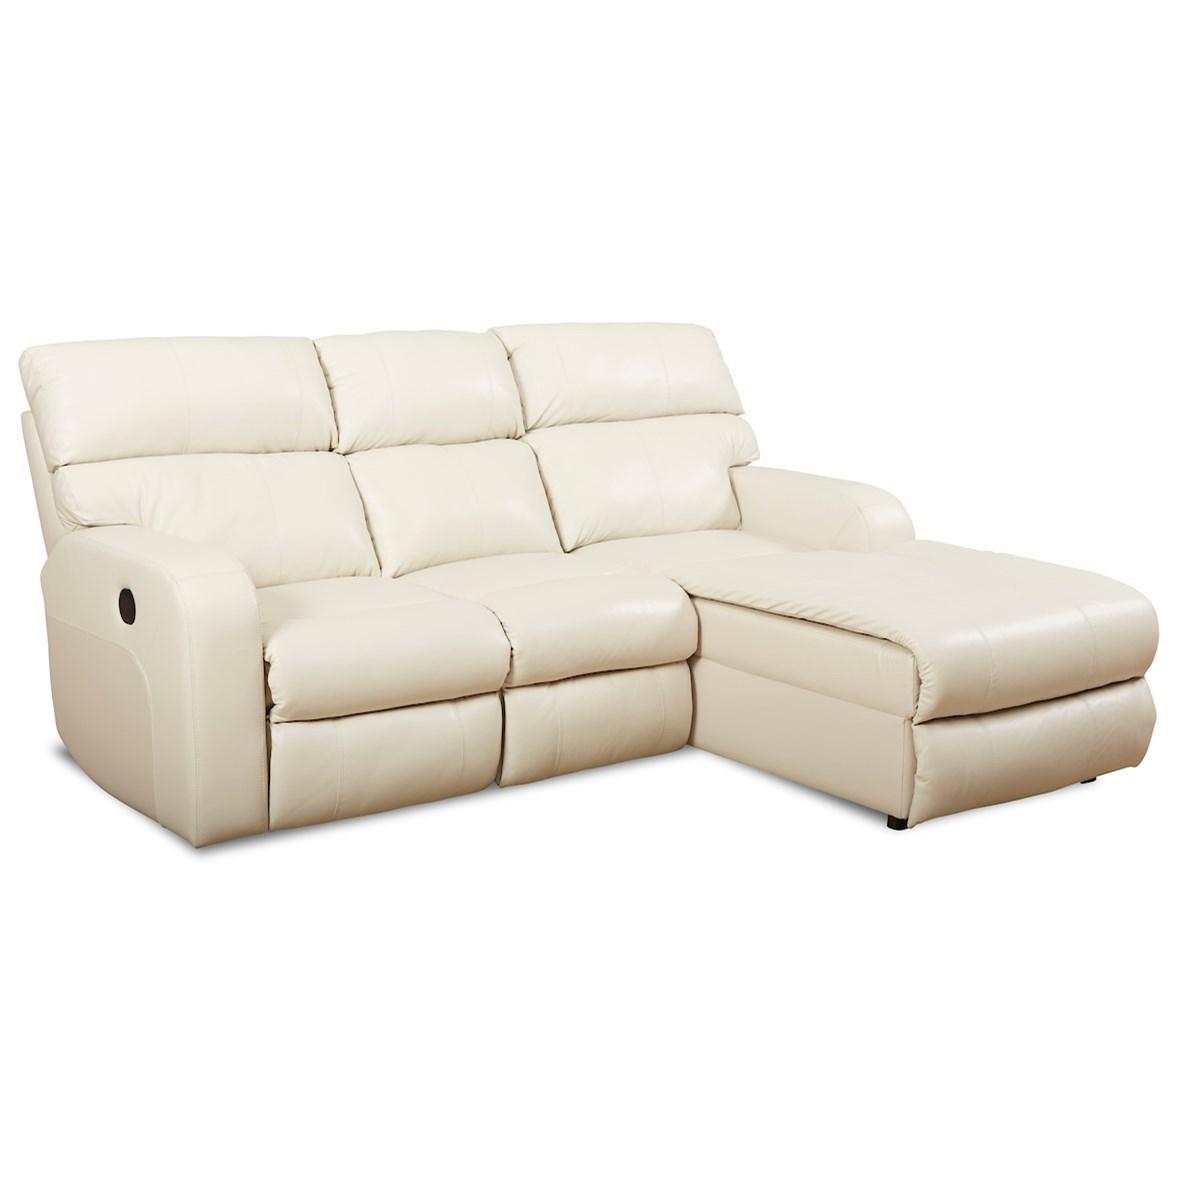 Power Reclining Chaise Sofa w/ RAF Chaise